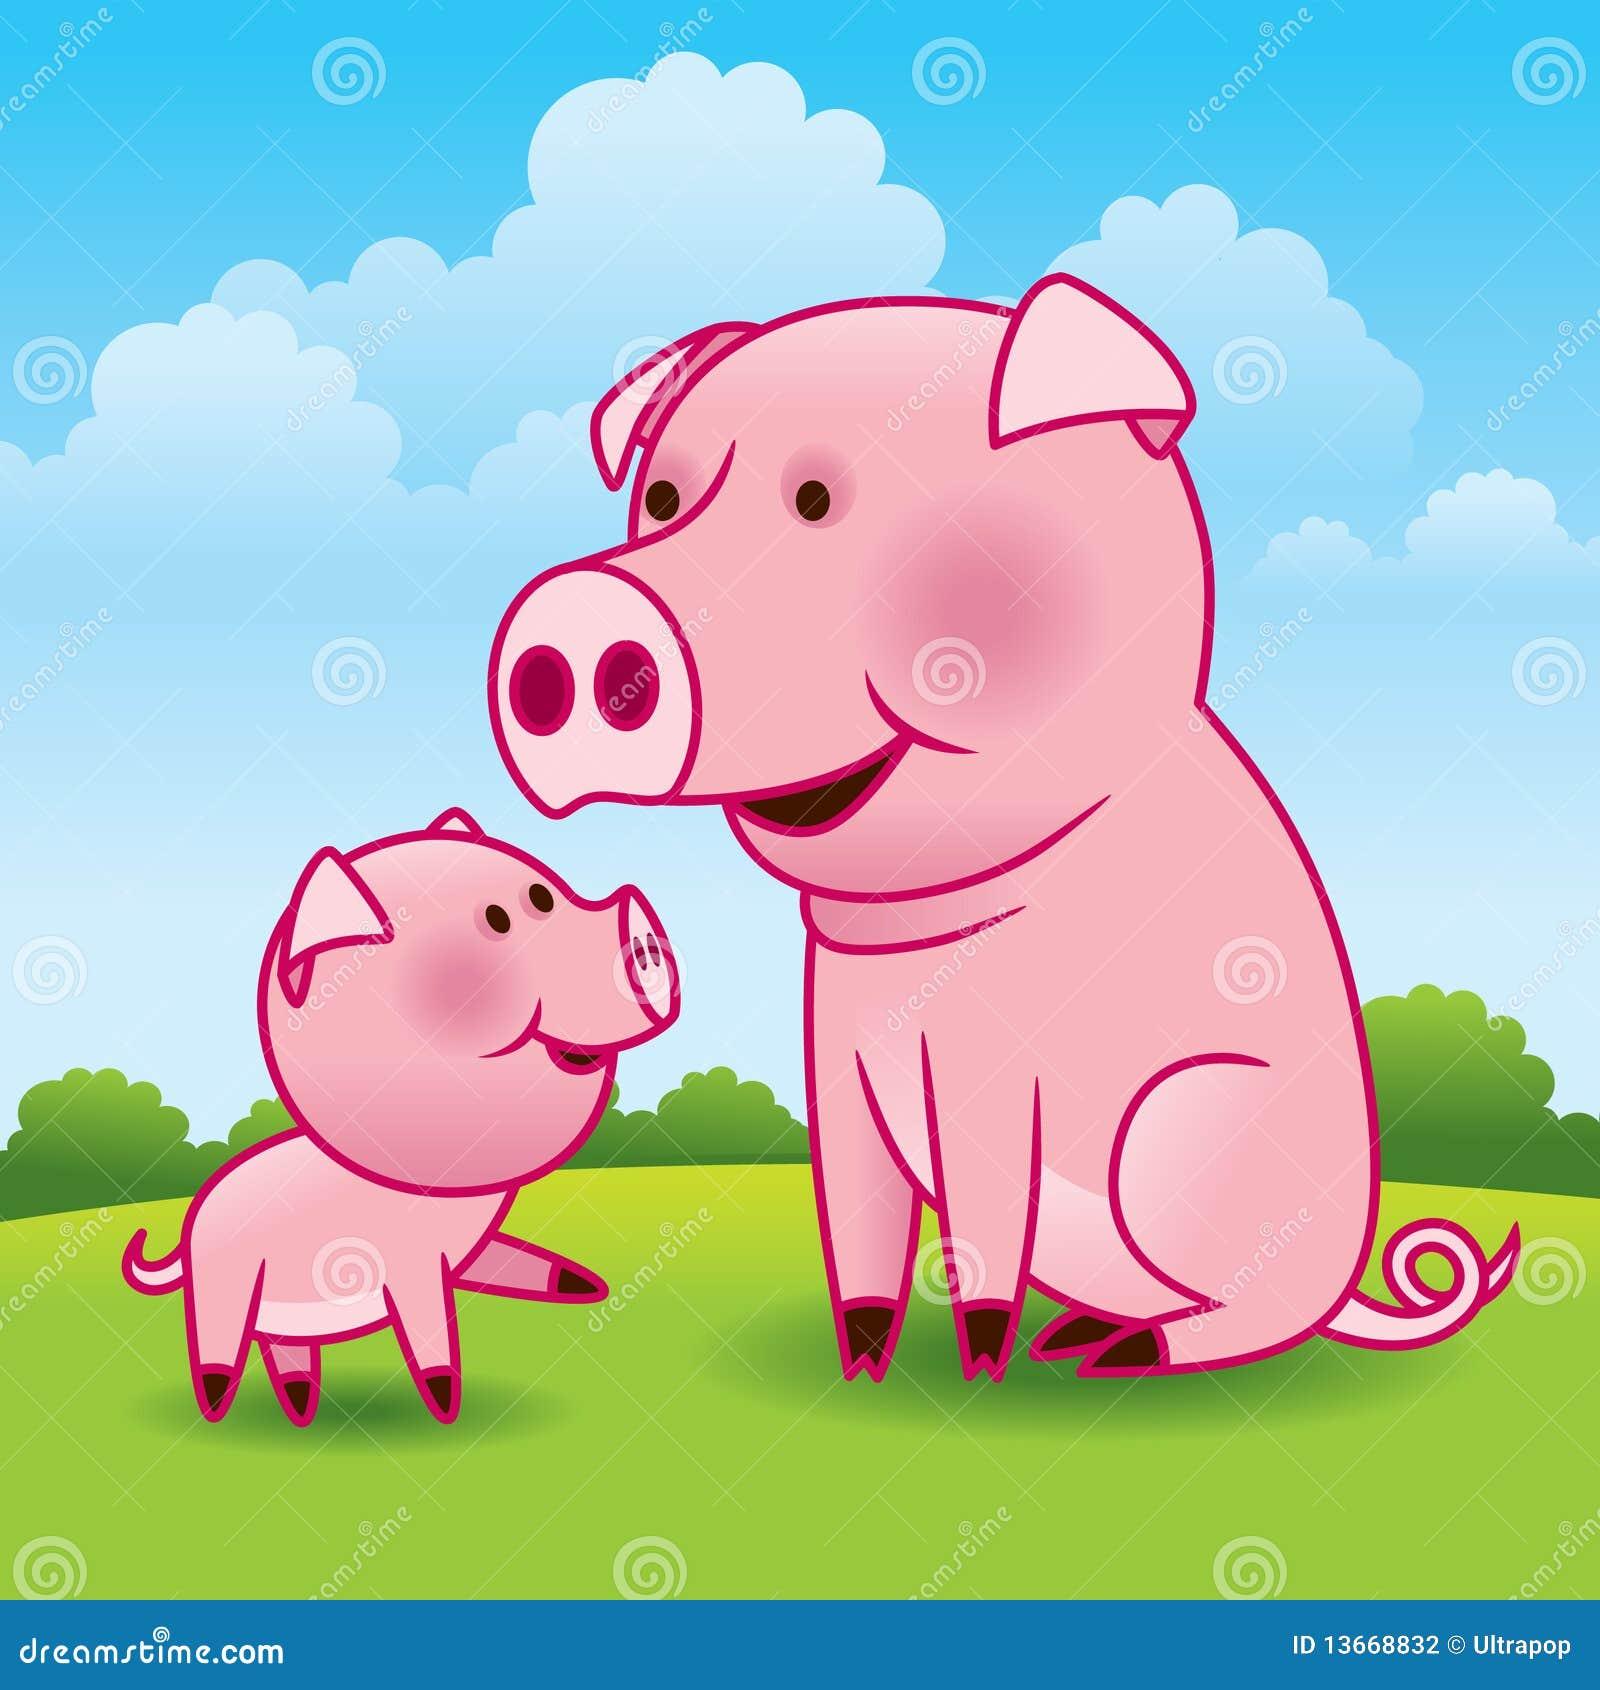 cute clipart pig